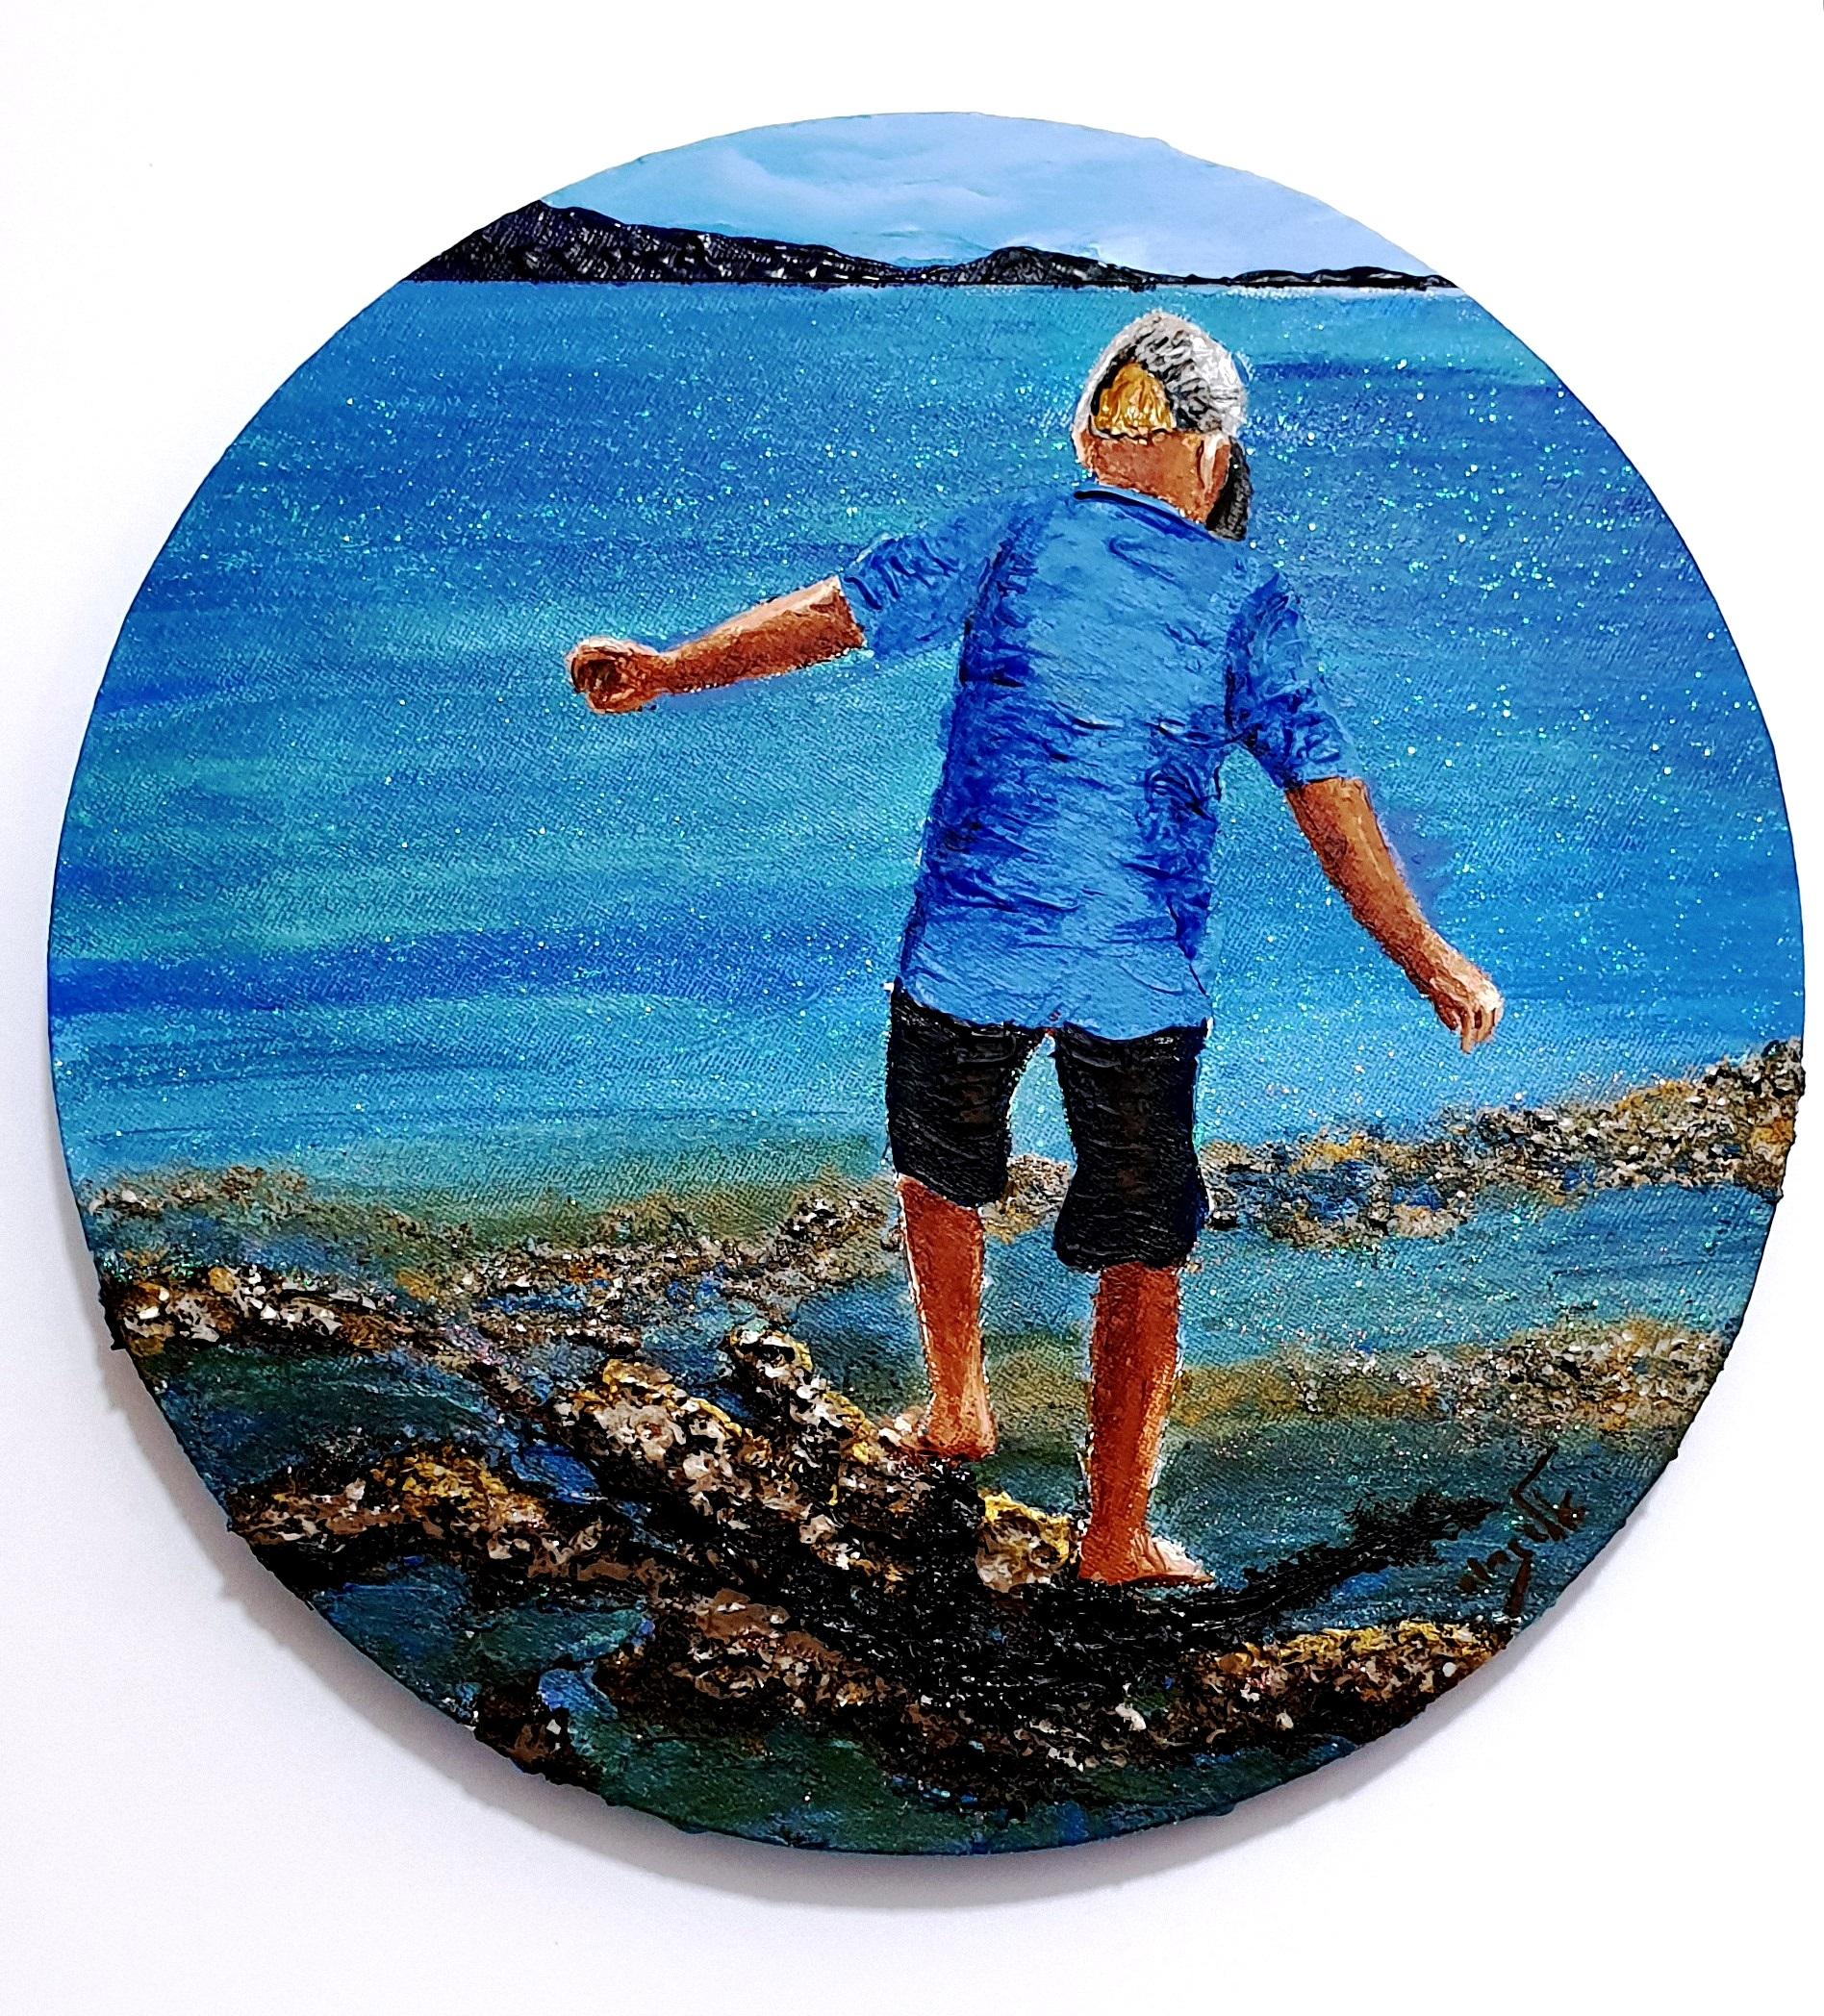 יחף בחוף, מנתר מסלע לסלע - אקריליק